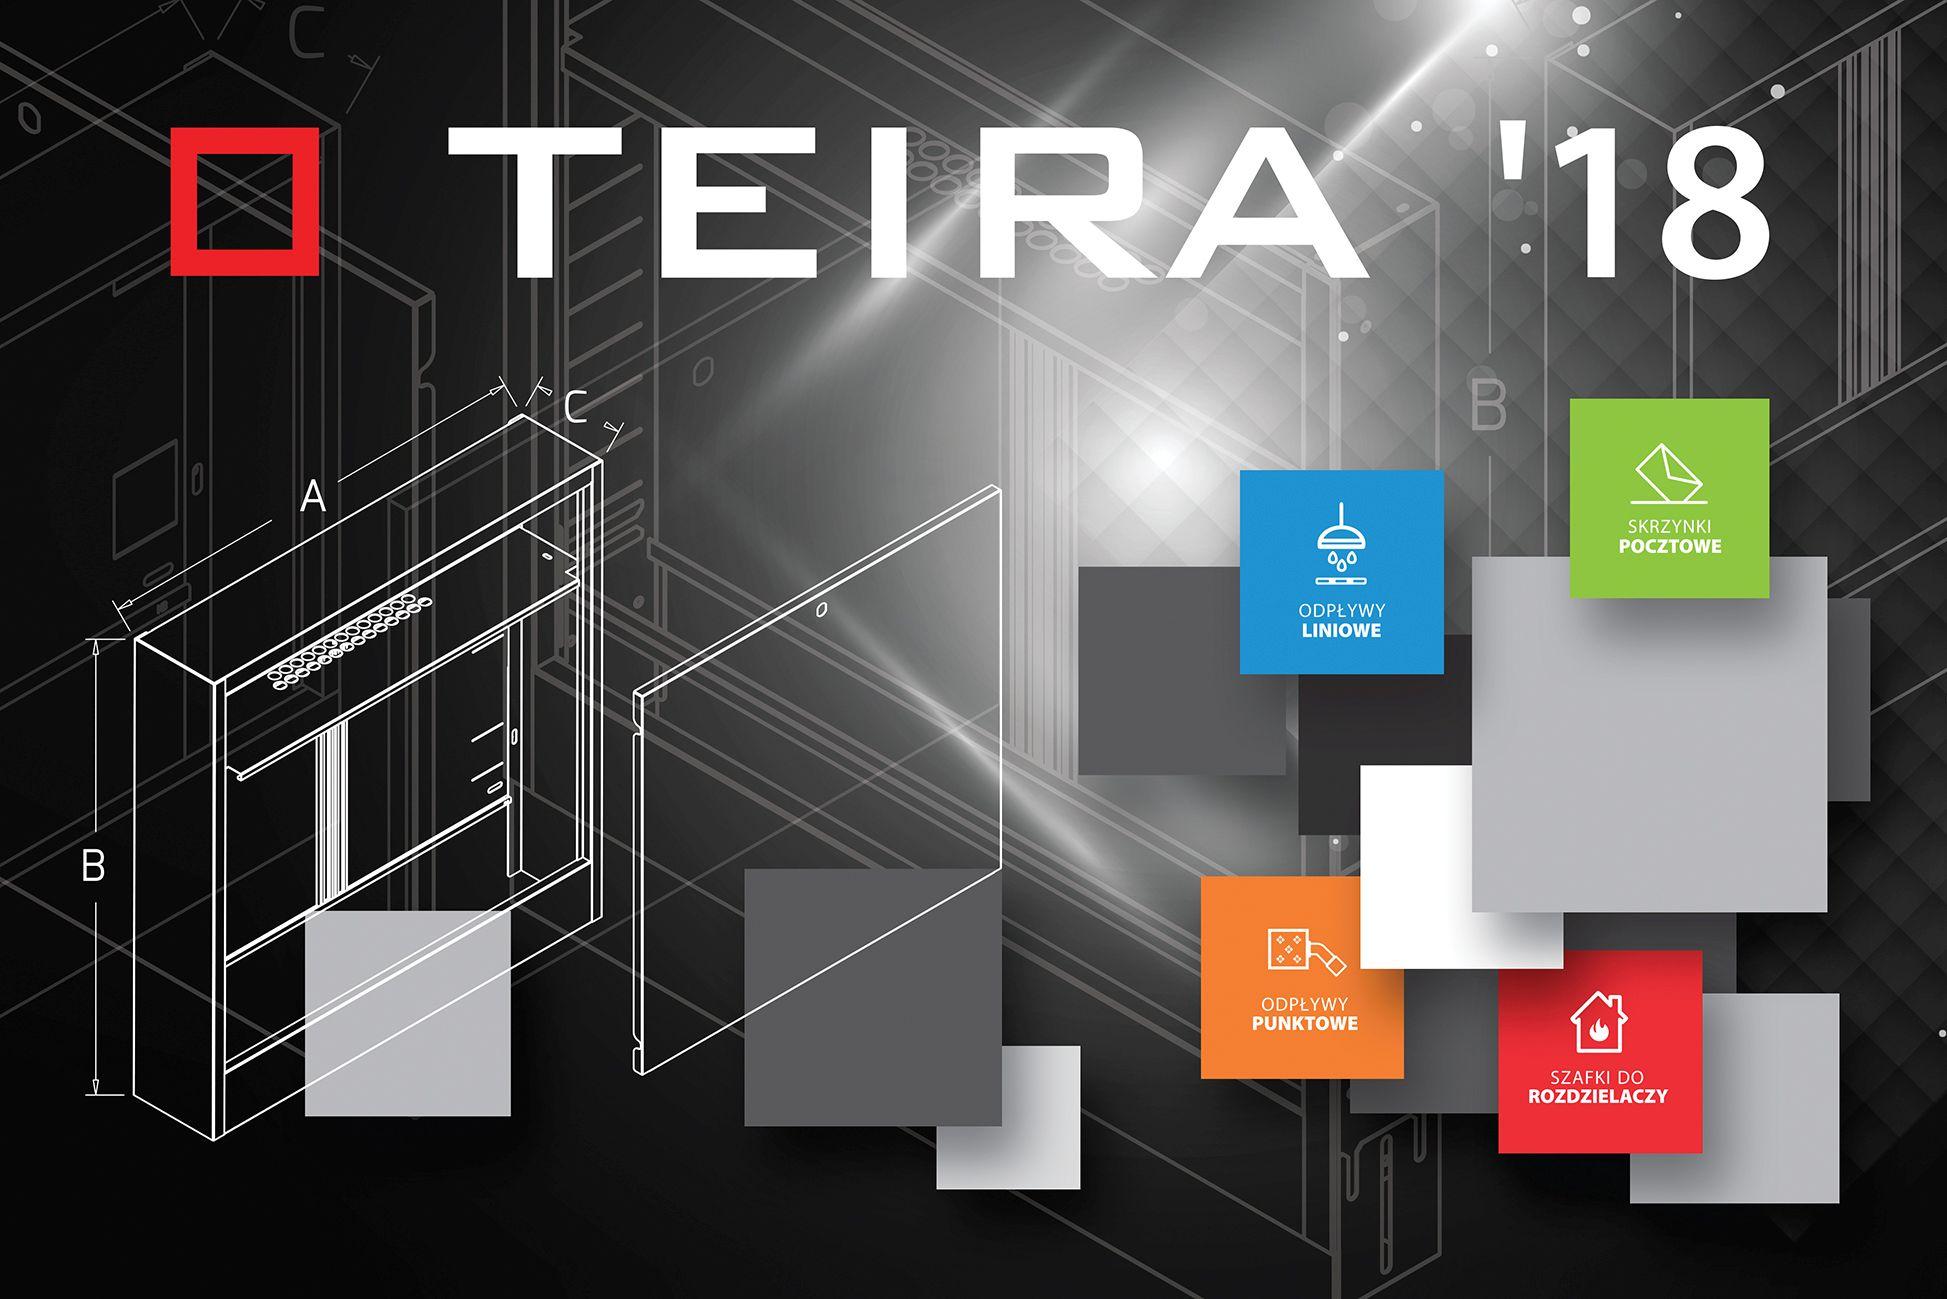 Oferta Pracy z firmy TEIRA